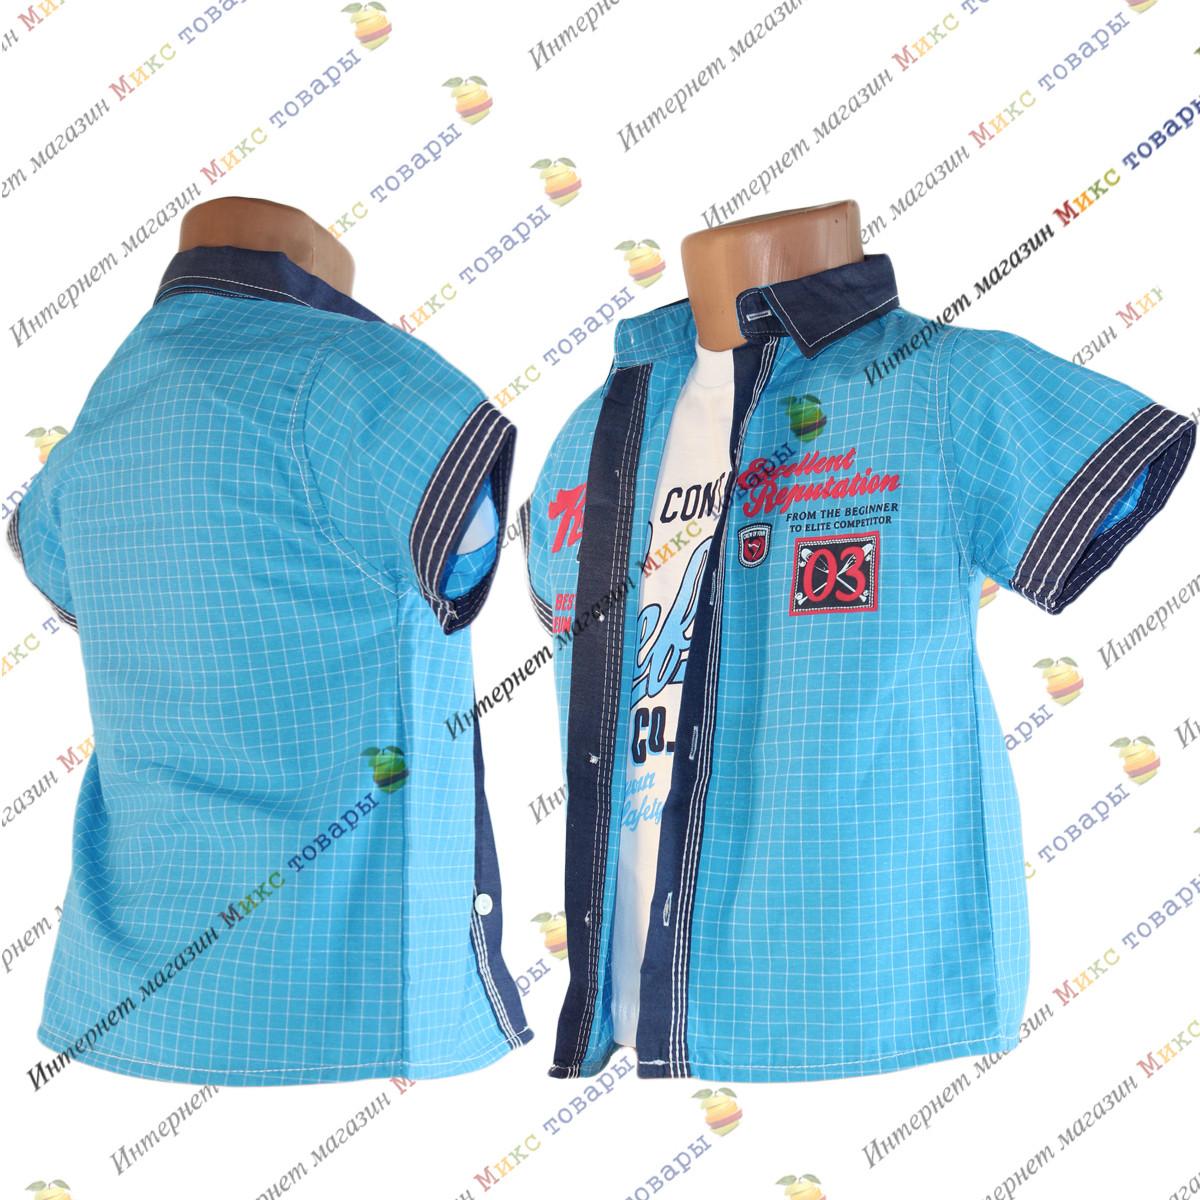 67b22771faa Купить Детские рубашки с коротким рукавом+ футболка Рост  86- 104 см ...